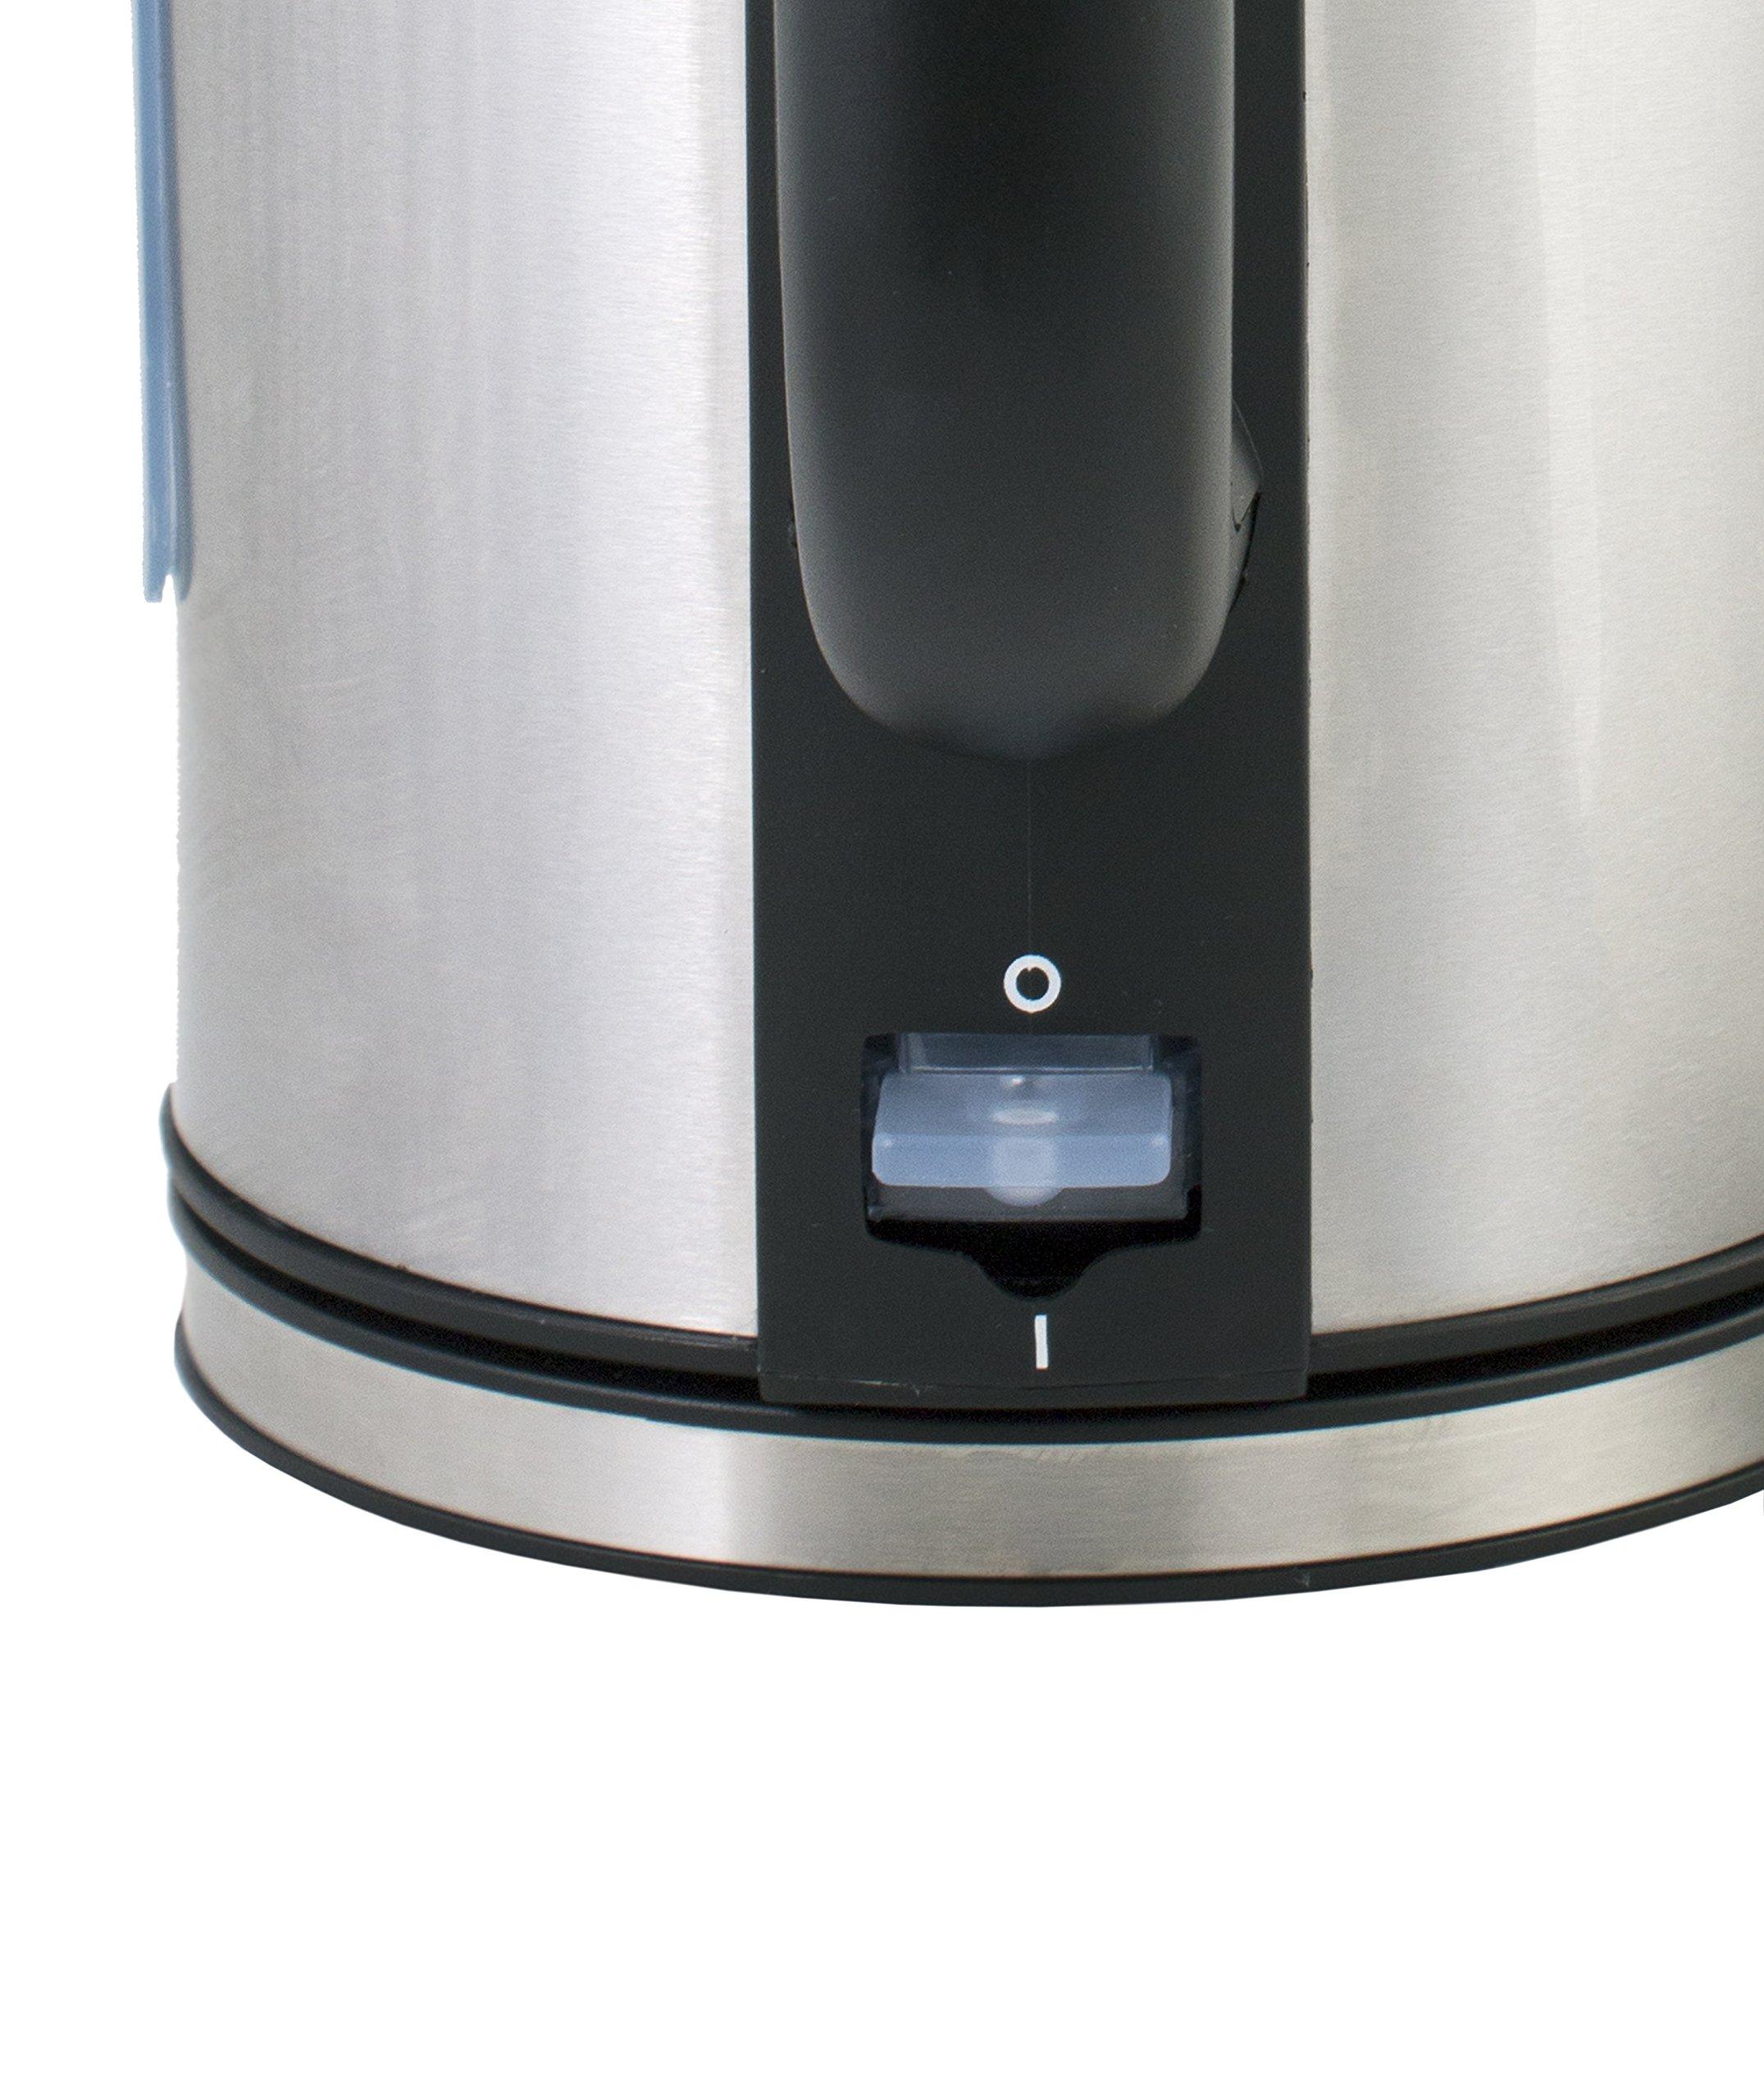 SUNTEC-Wasserkocher